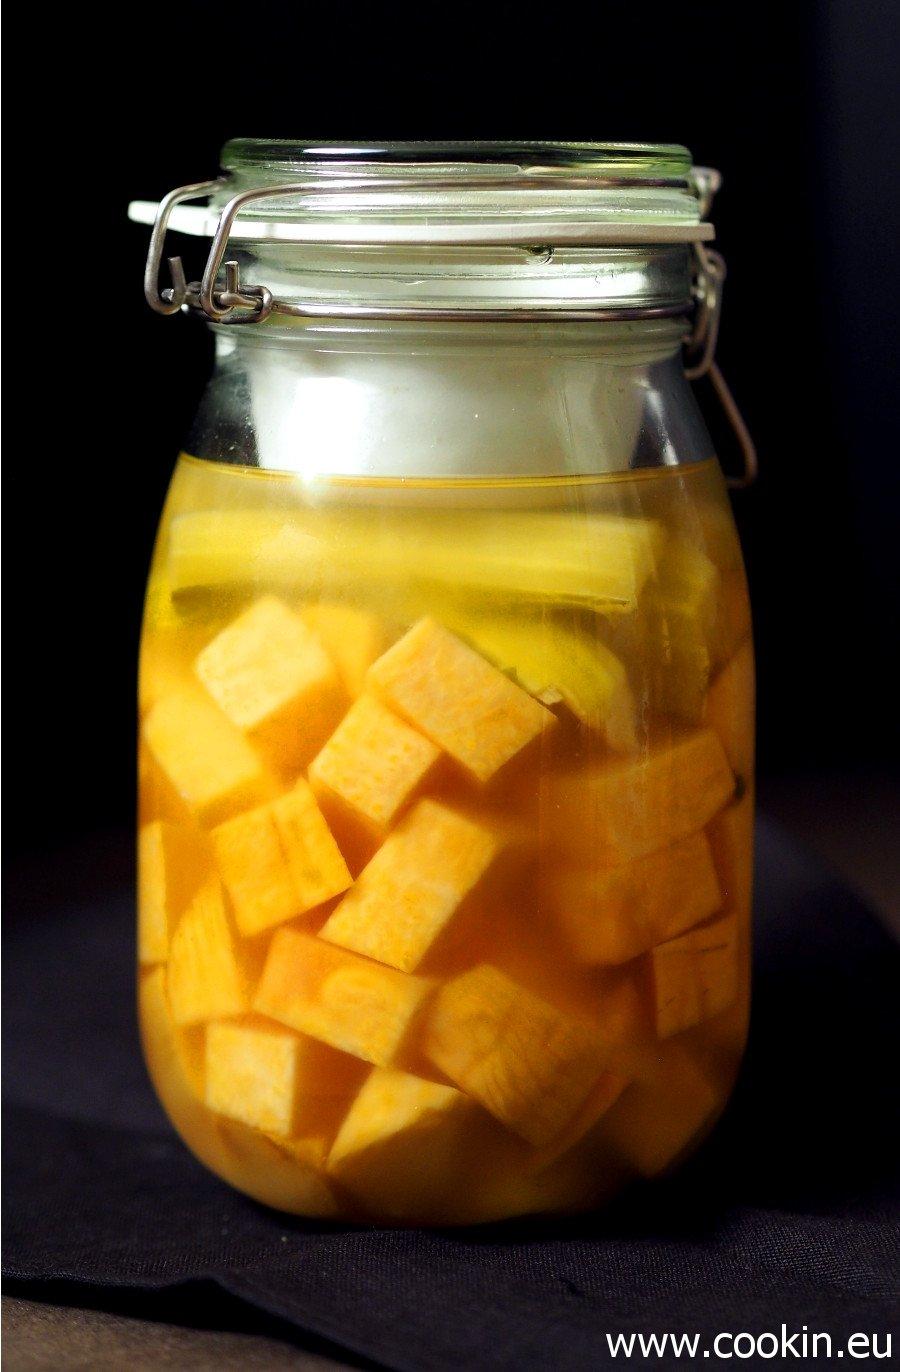 fermentieren-6-900-hk